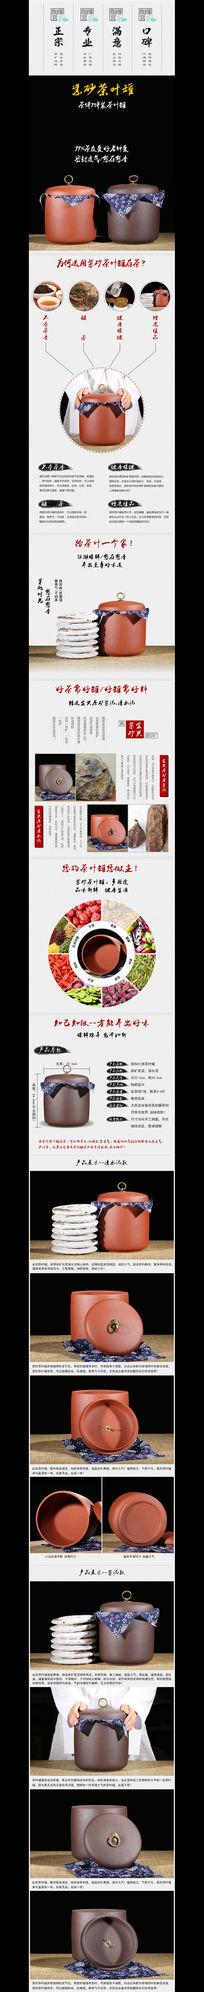 淘宝天猫紫砂茶叶罐详情页